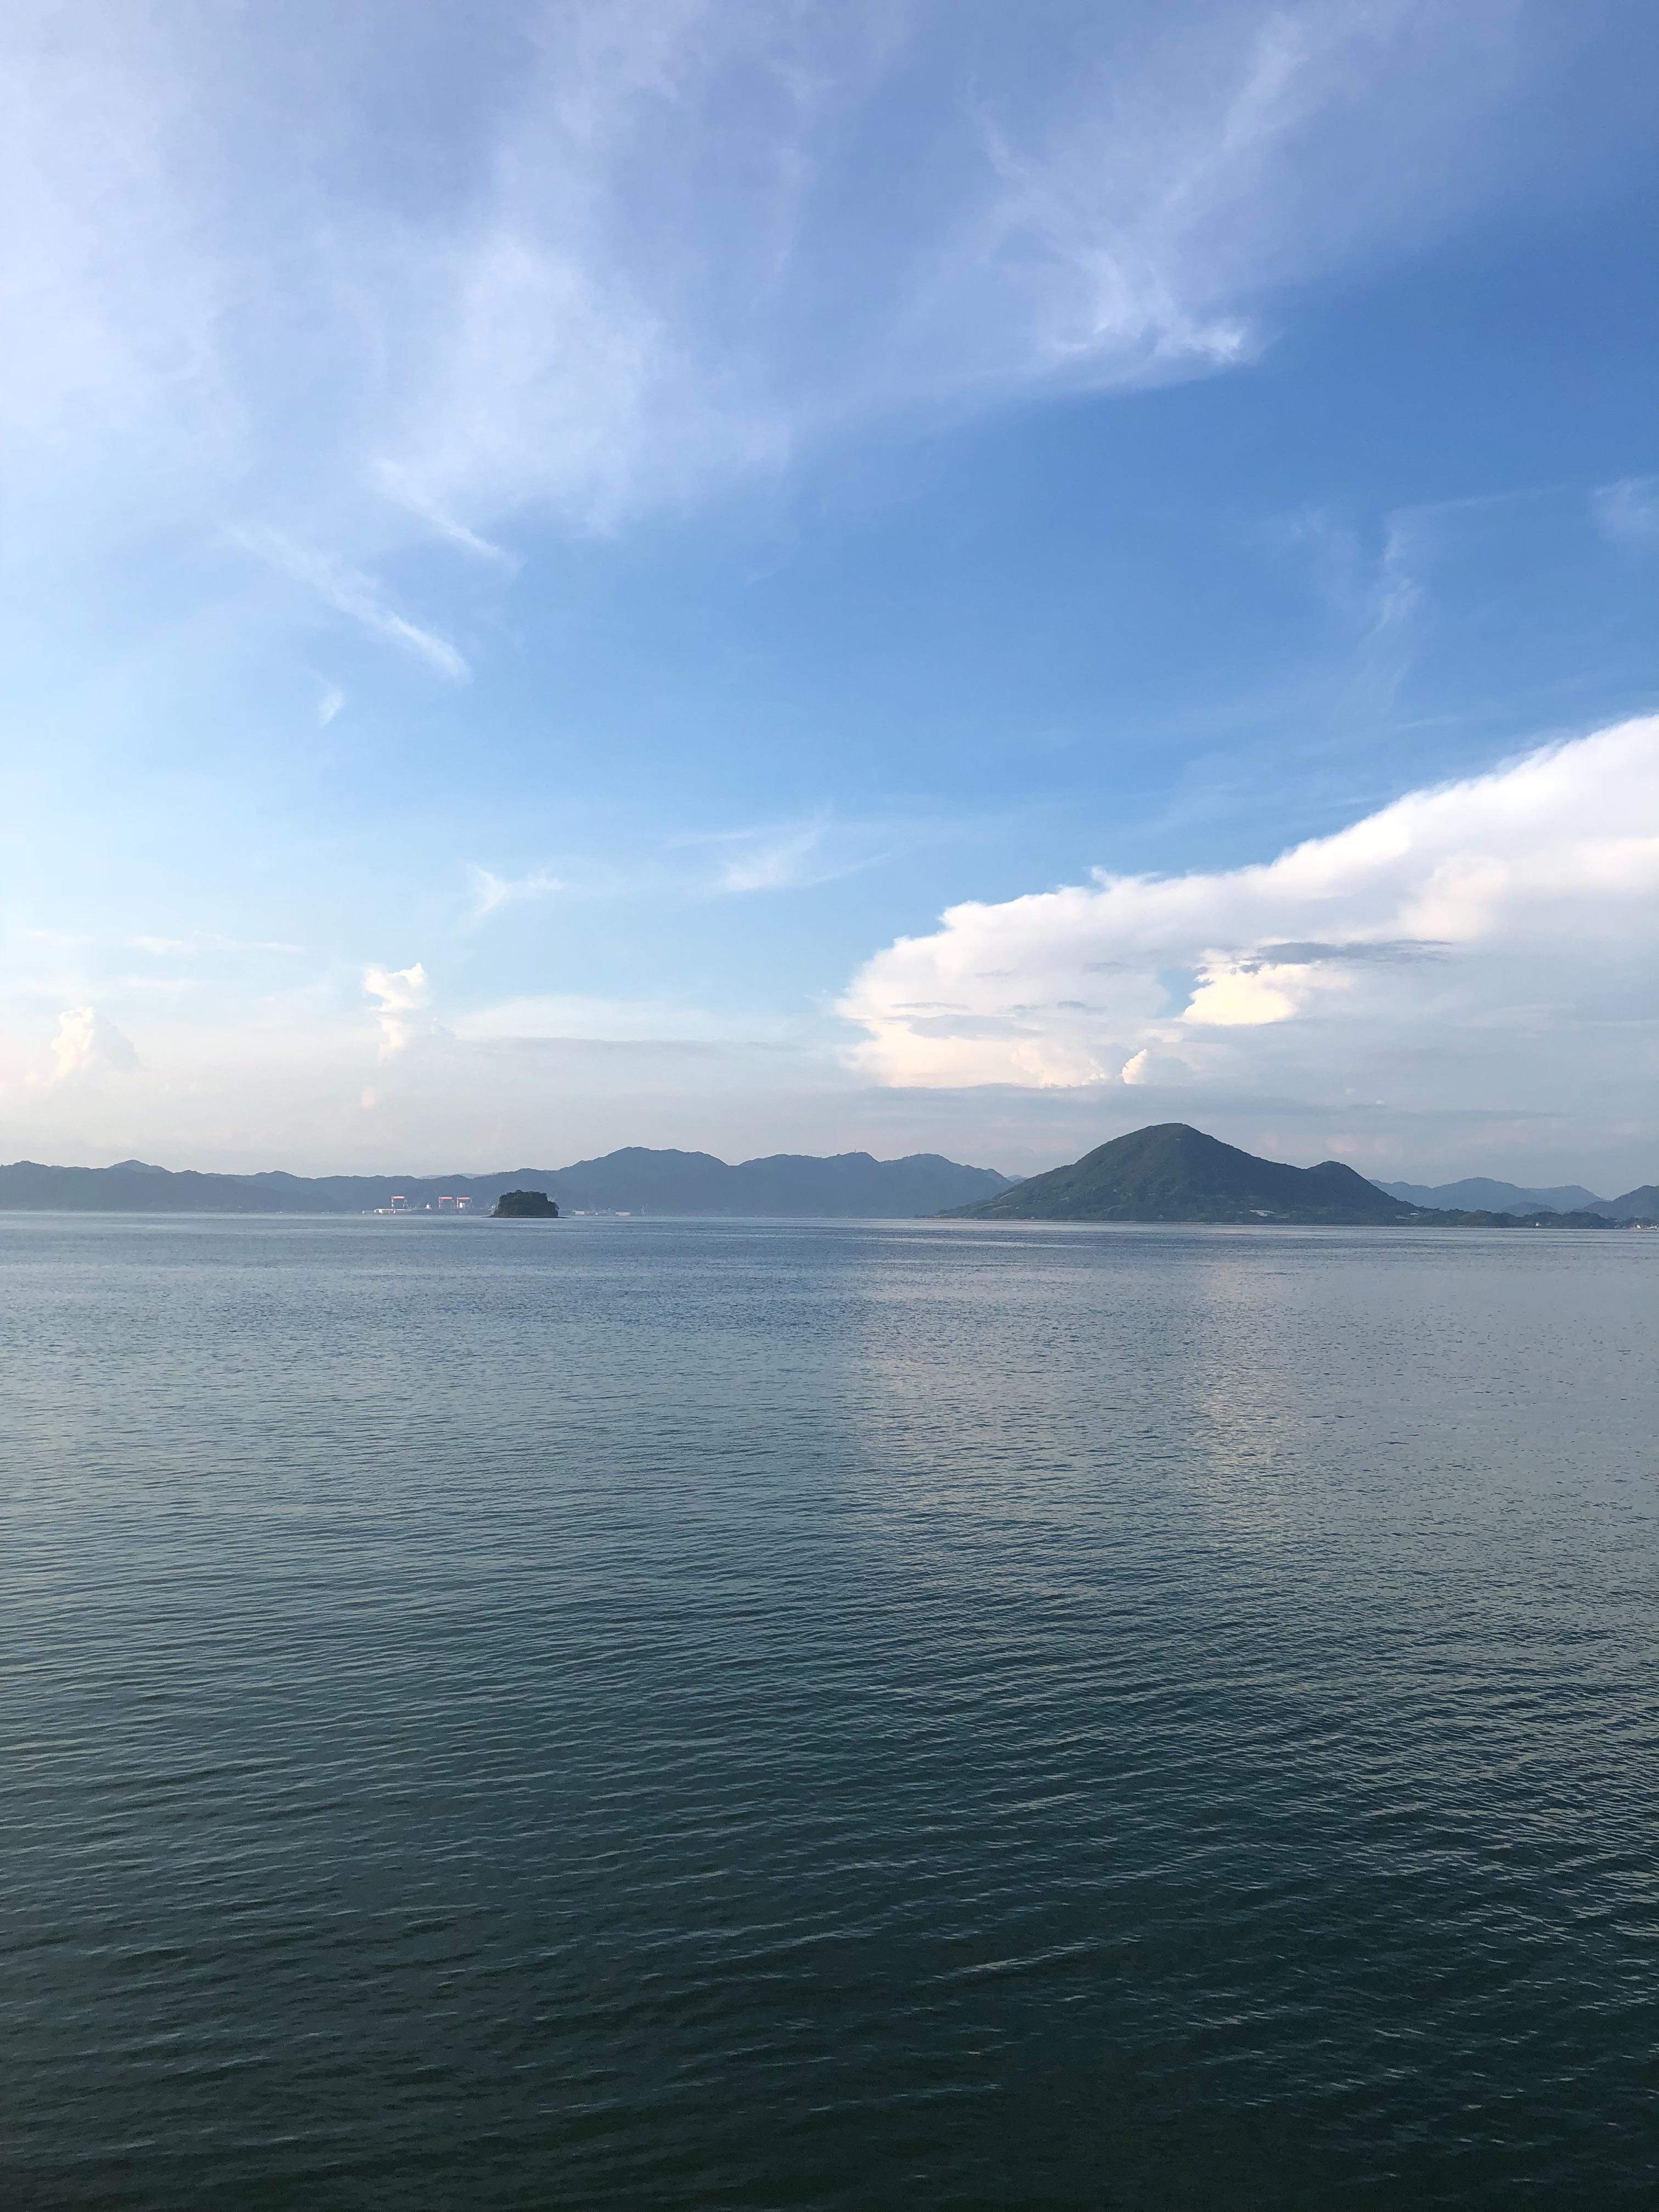 f:id:fujikana:20180828011522j:image